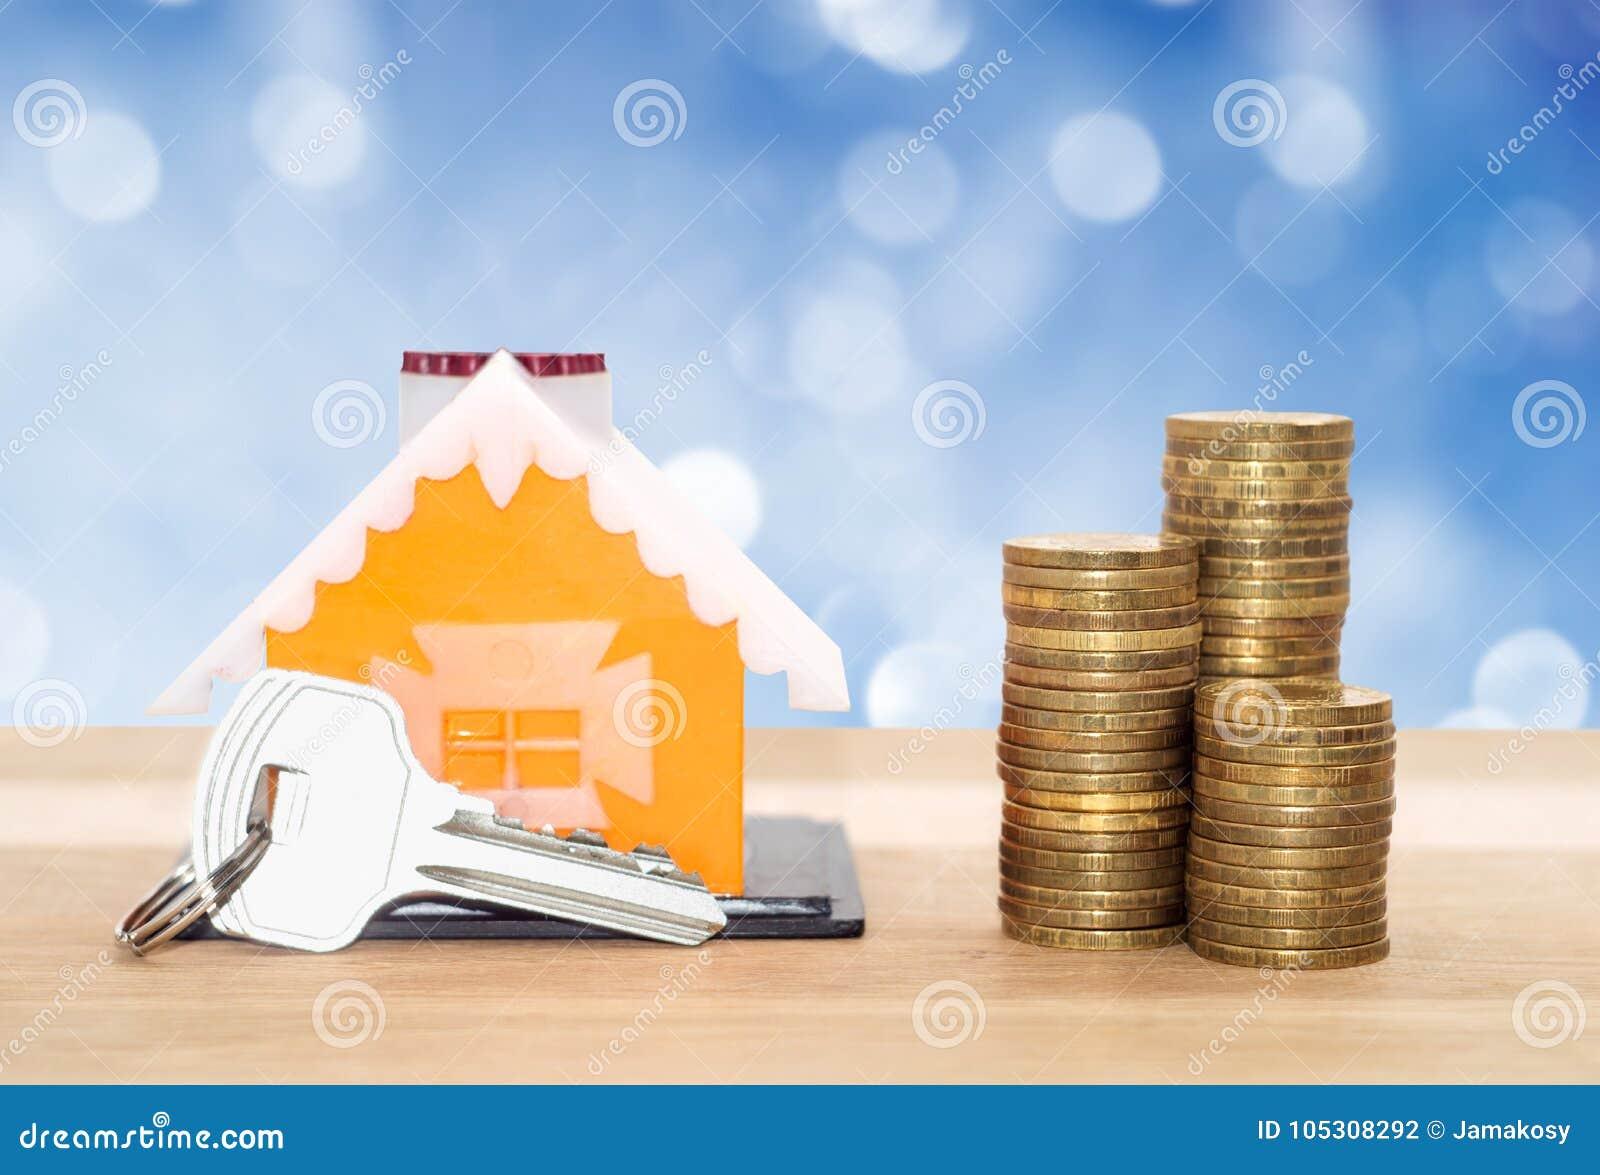 выдача займов населению бизнес под залог недвижимости